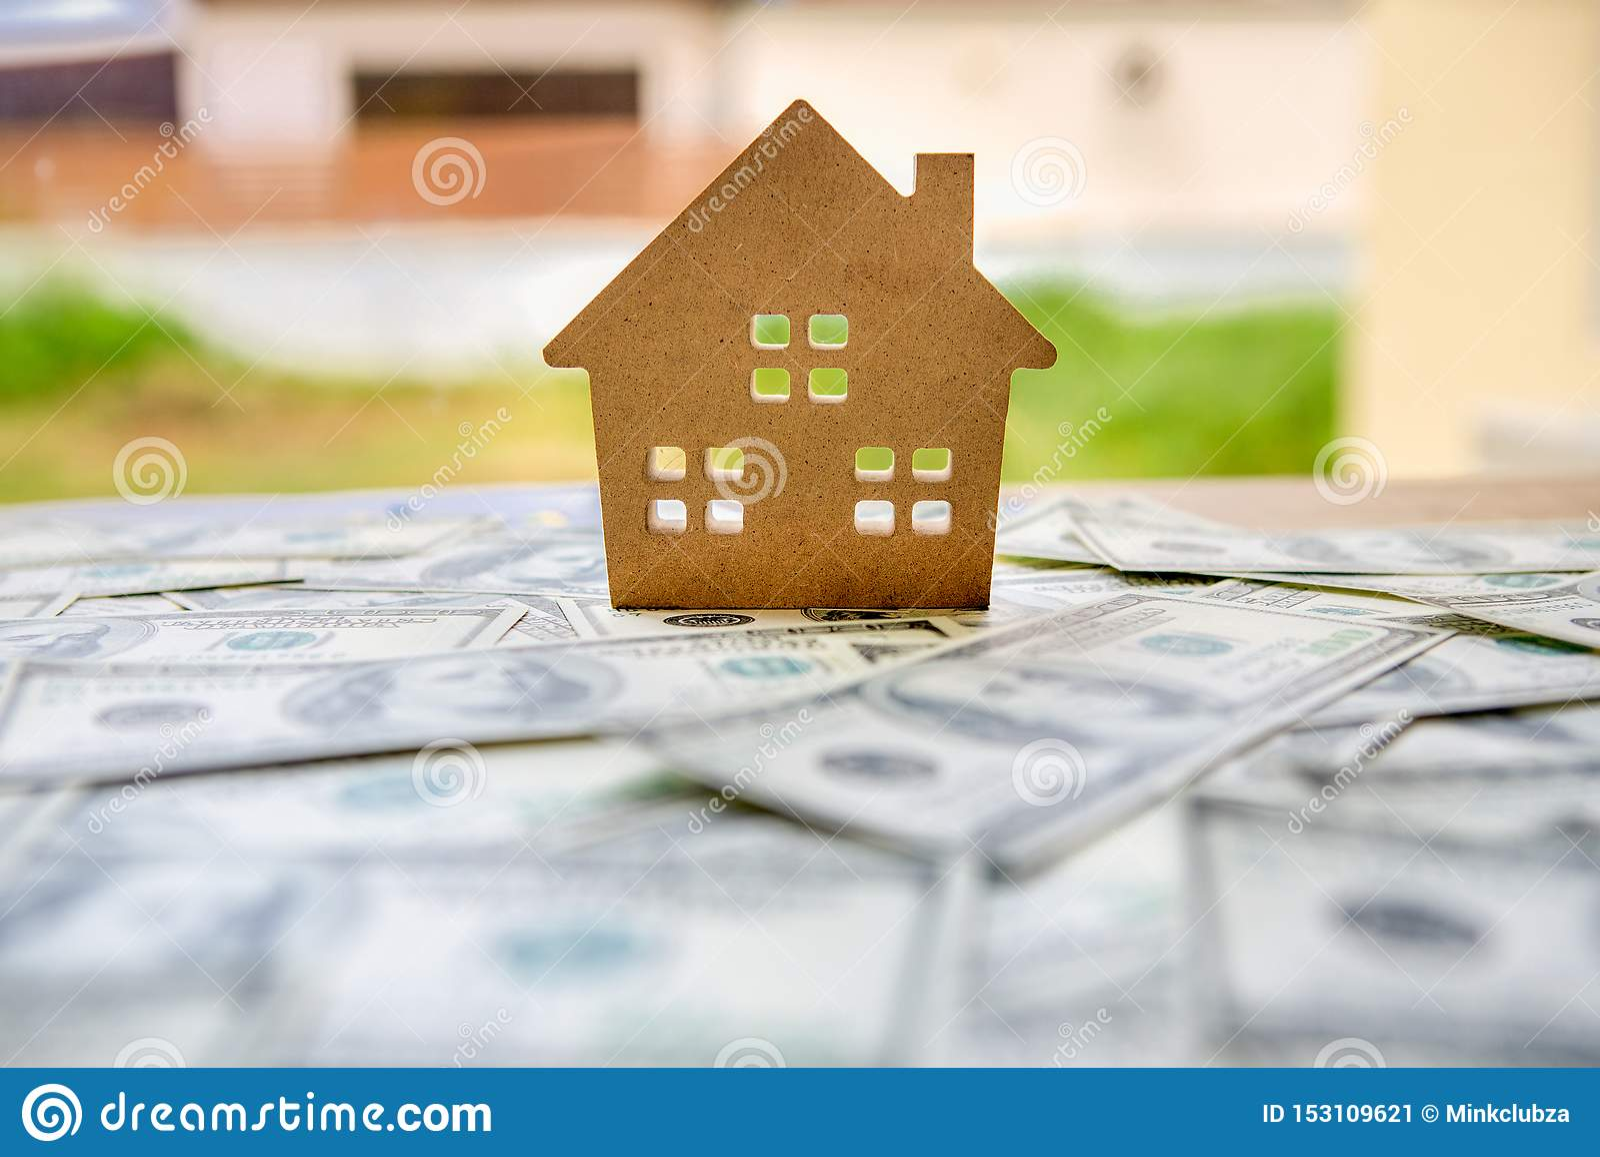 Финансовый концепции вклада с делом недвижимости для роста для того чтобы приобрести выгоду и жилой с моделью дома помещенной дал